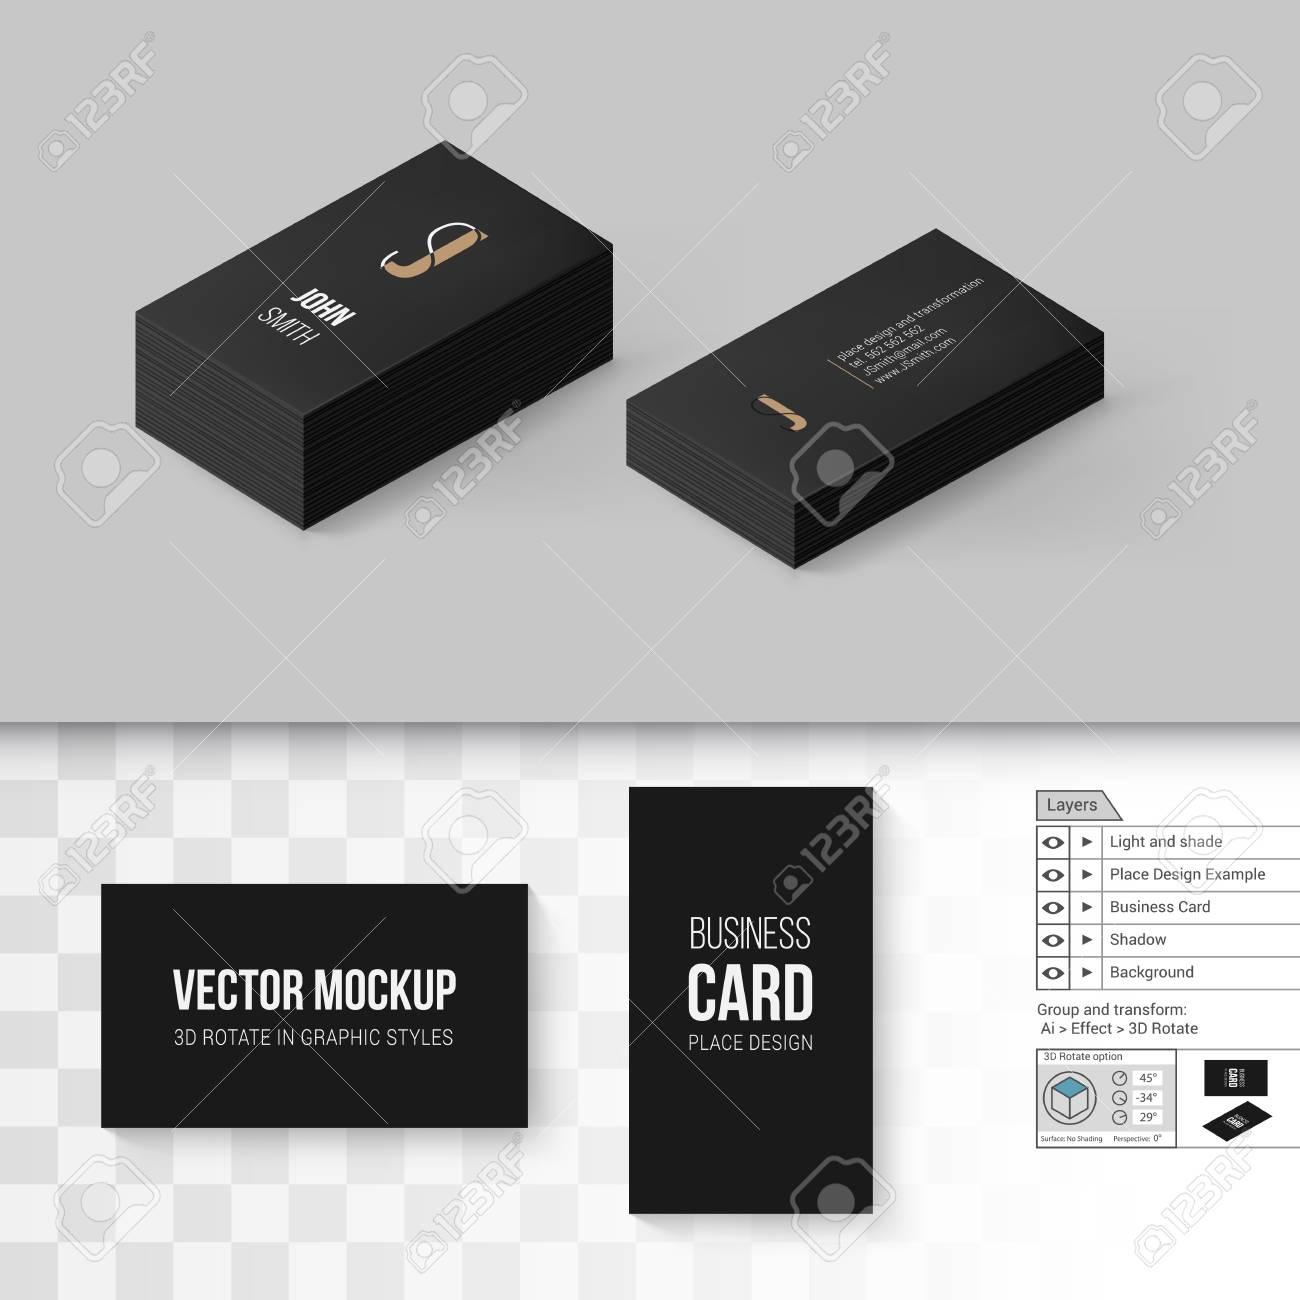 Modele De Cartes Visite Noir Branding Maquette Avec Des Options